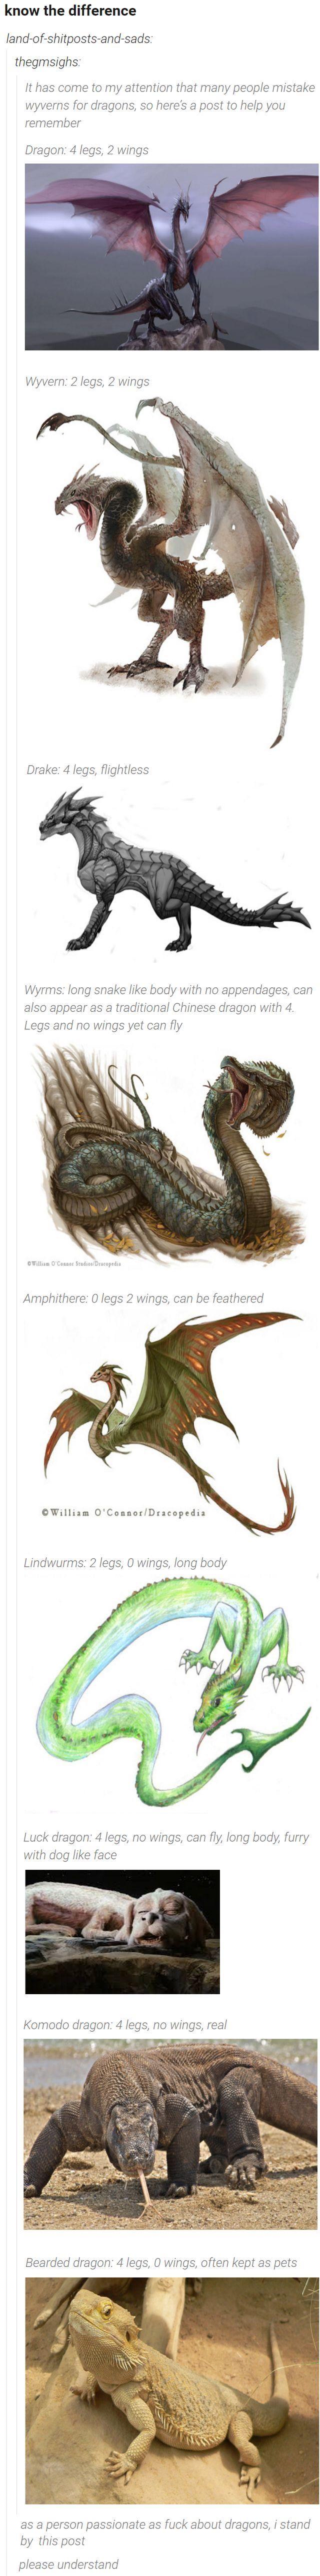 55nabzw Jpg 640 5158 Fantasy Mythological Creatures Mythical Creatures